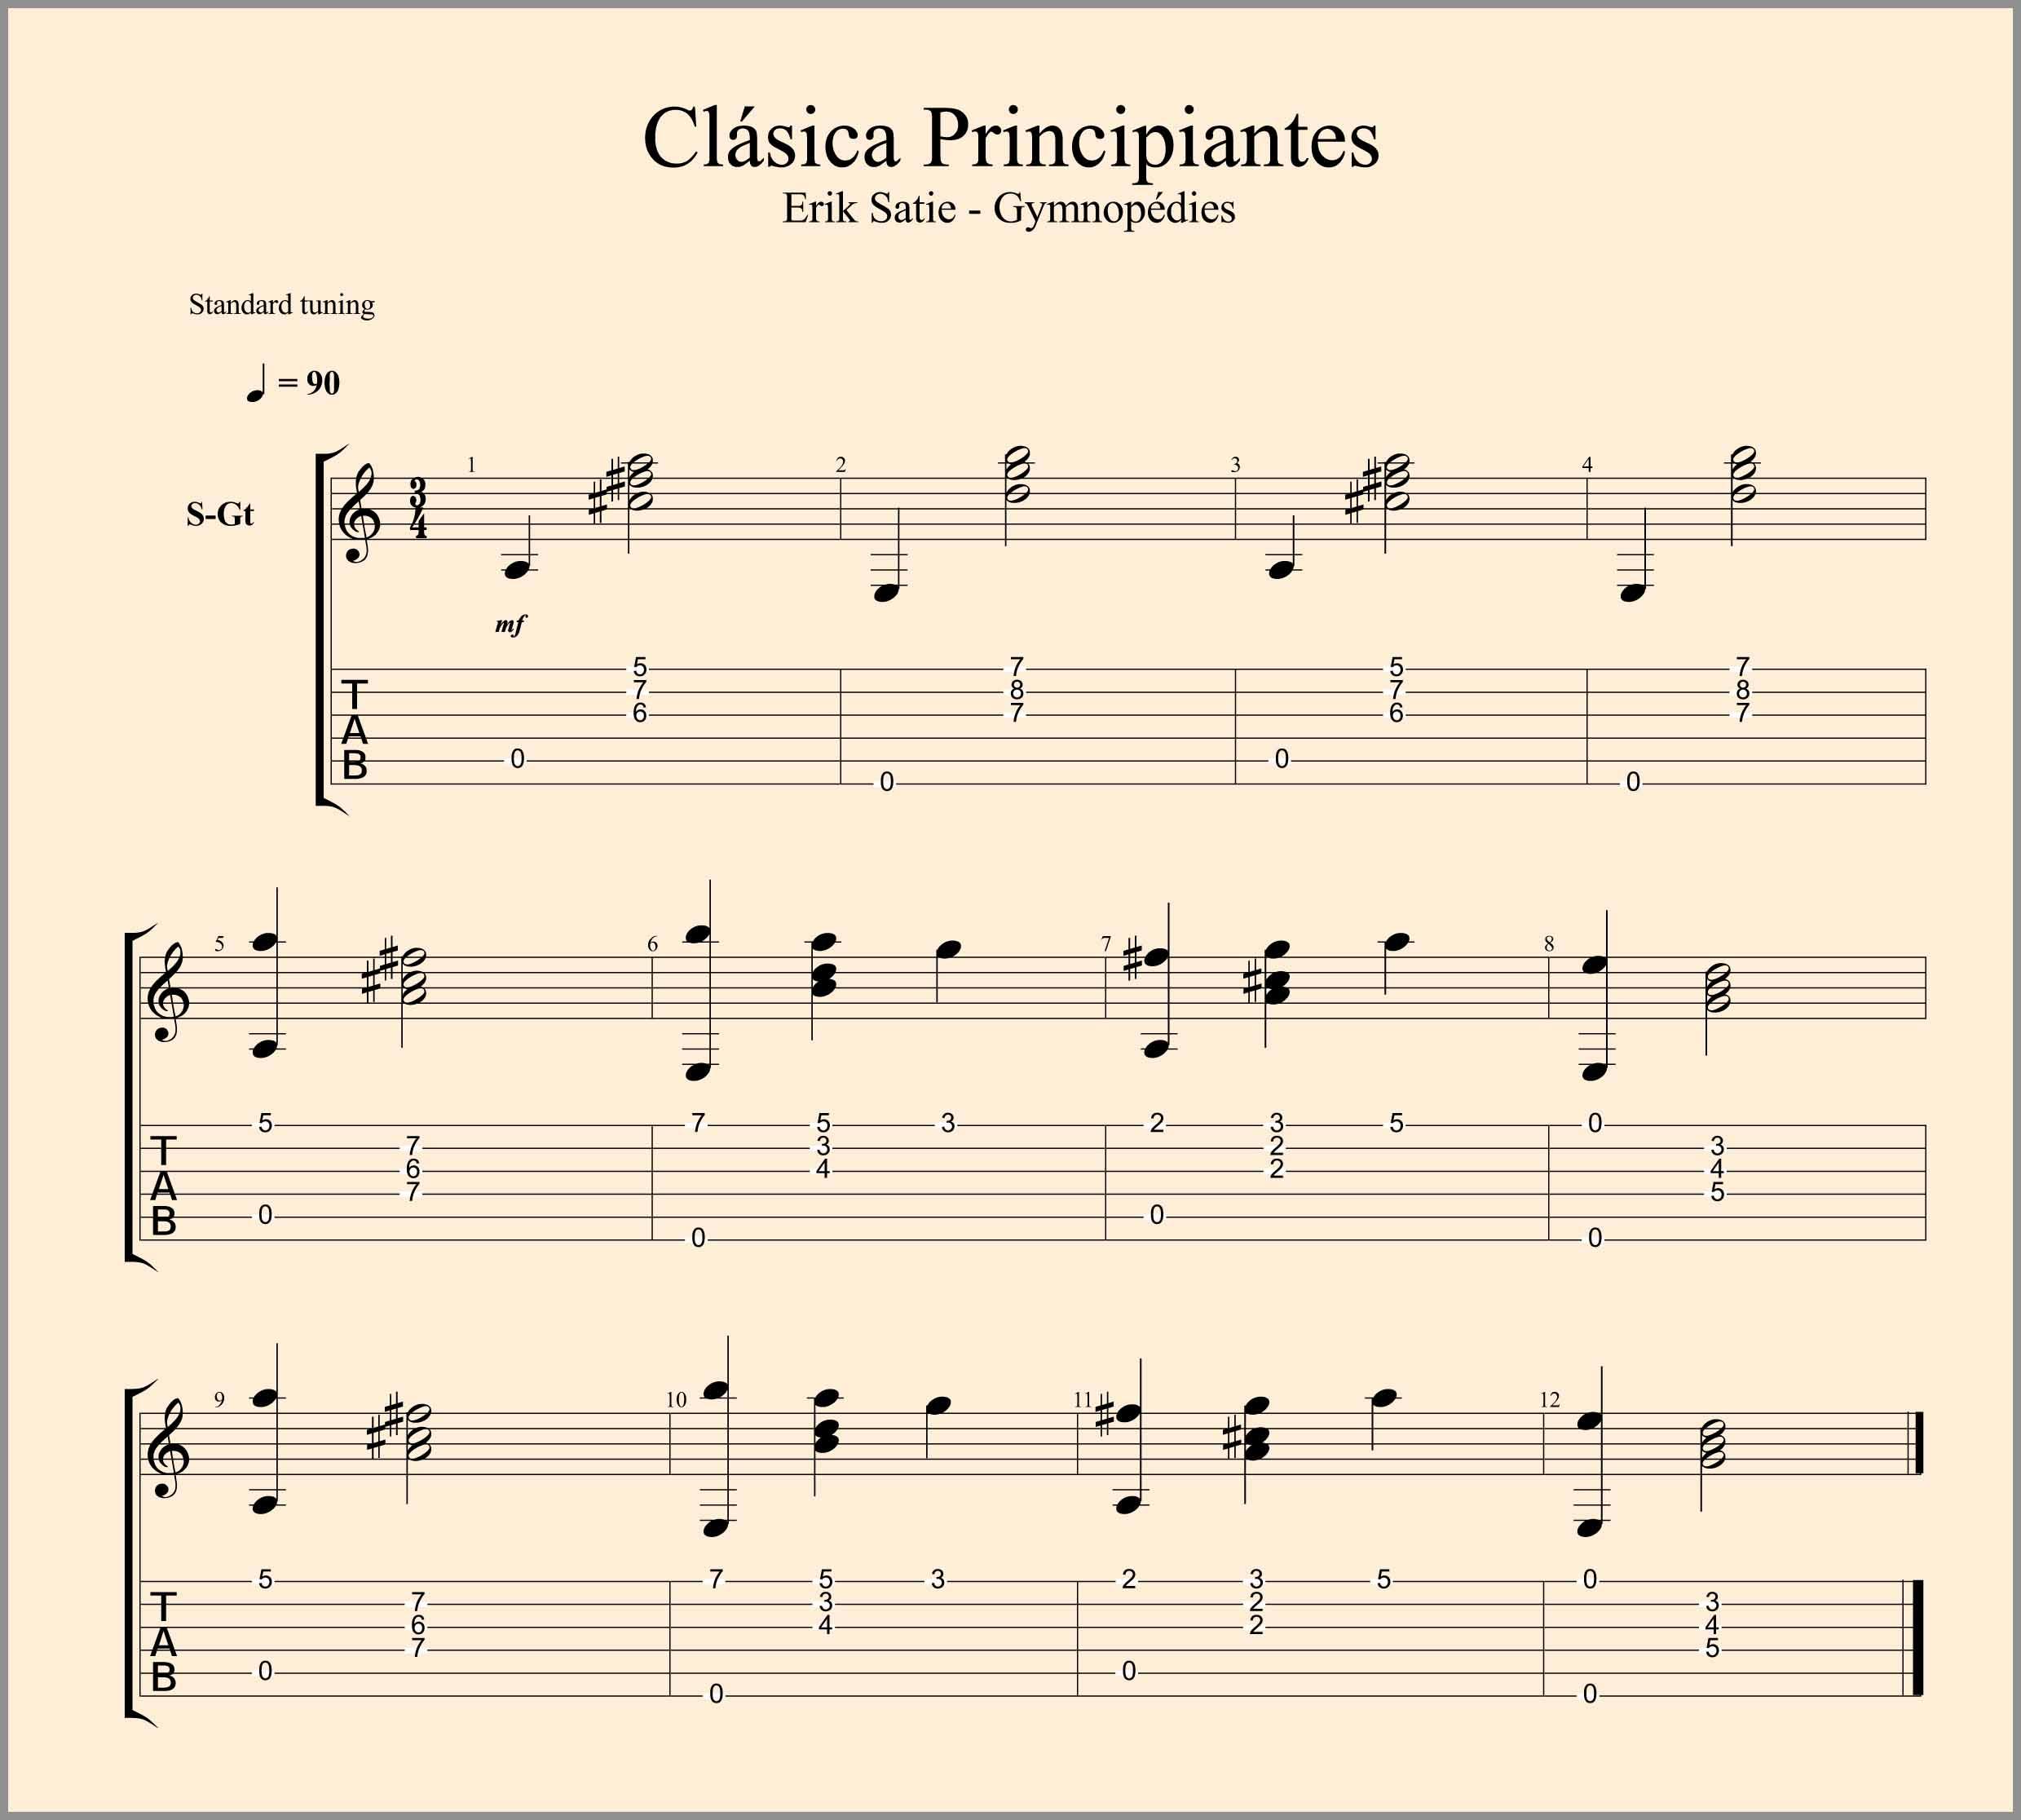 Erik Satie* Satie·, Gabriel Fauré* Fauré·, Maurice Ravel* Ravel·- National Philharmonic Orchestra , Charles Gerhardt - Gymnopédies, Pavane, Le Tombeau De Couperin